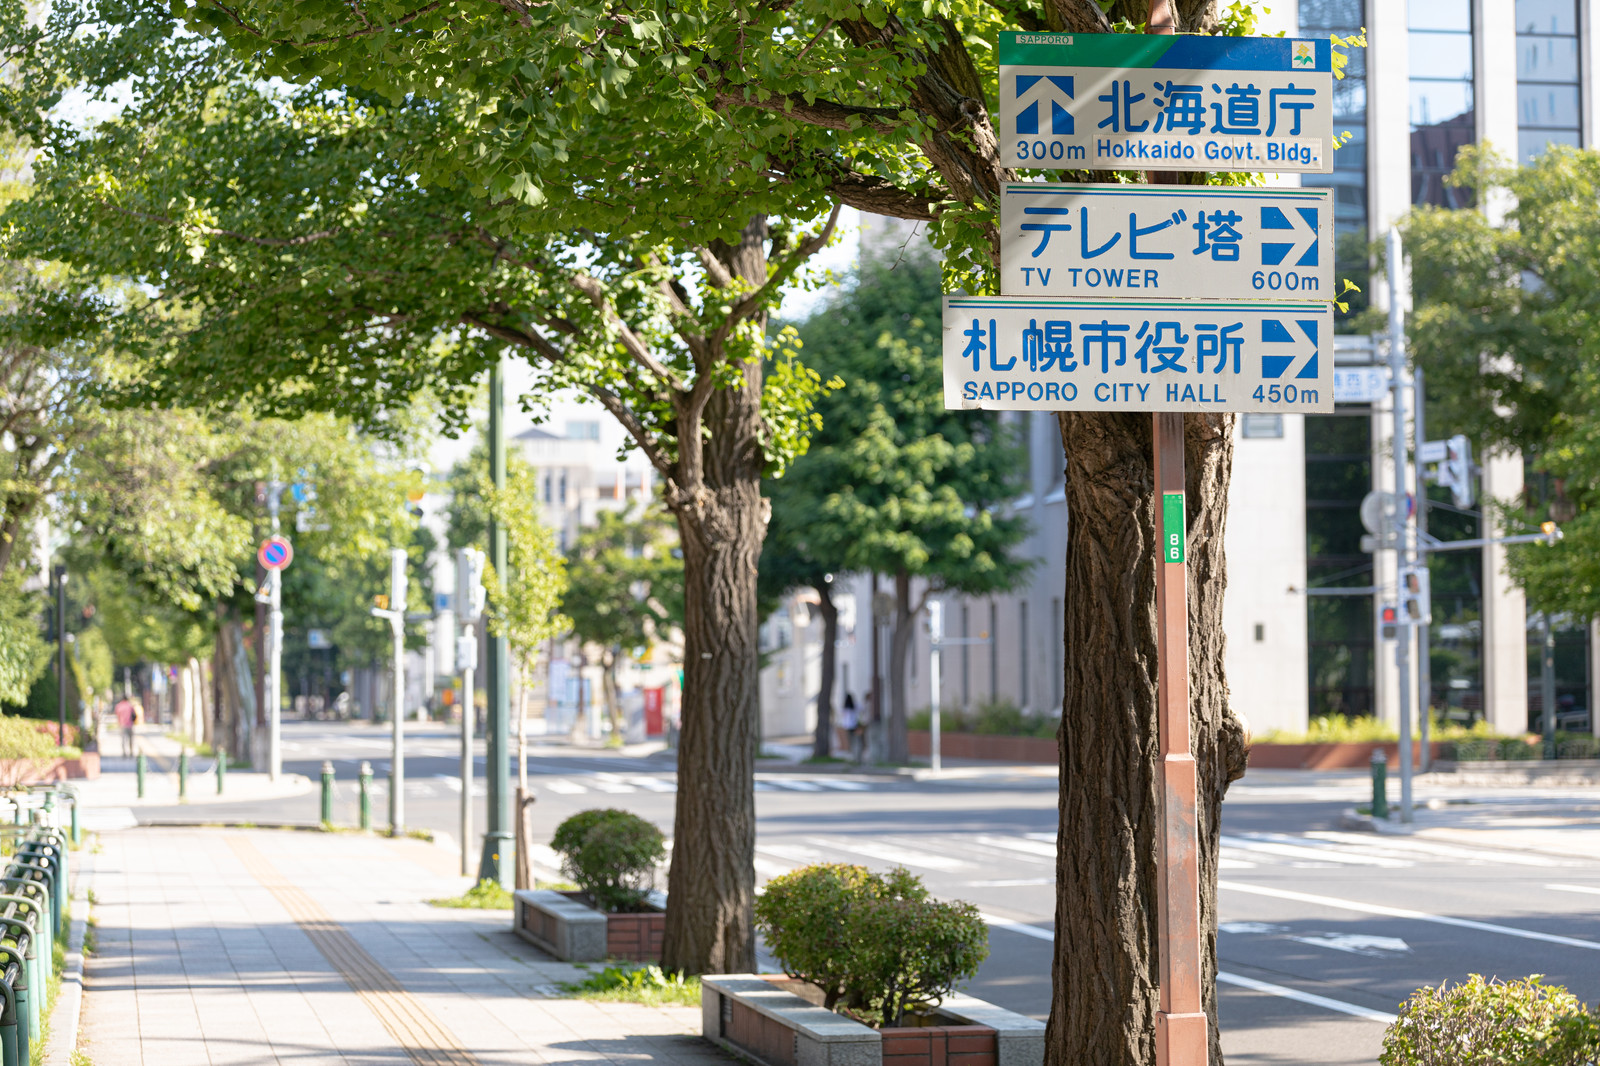 「大通公園付近の歩道に設置してある指導標識」の写真